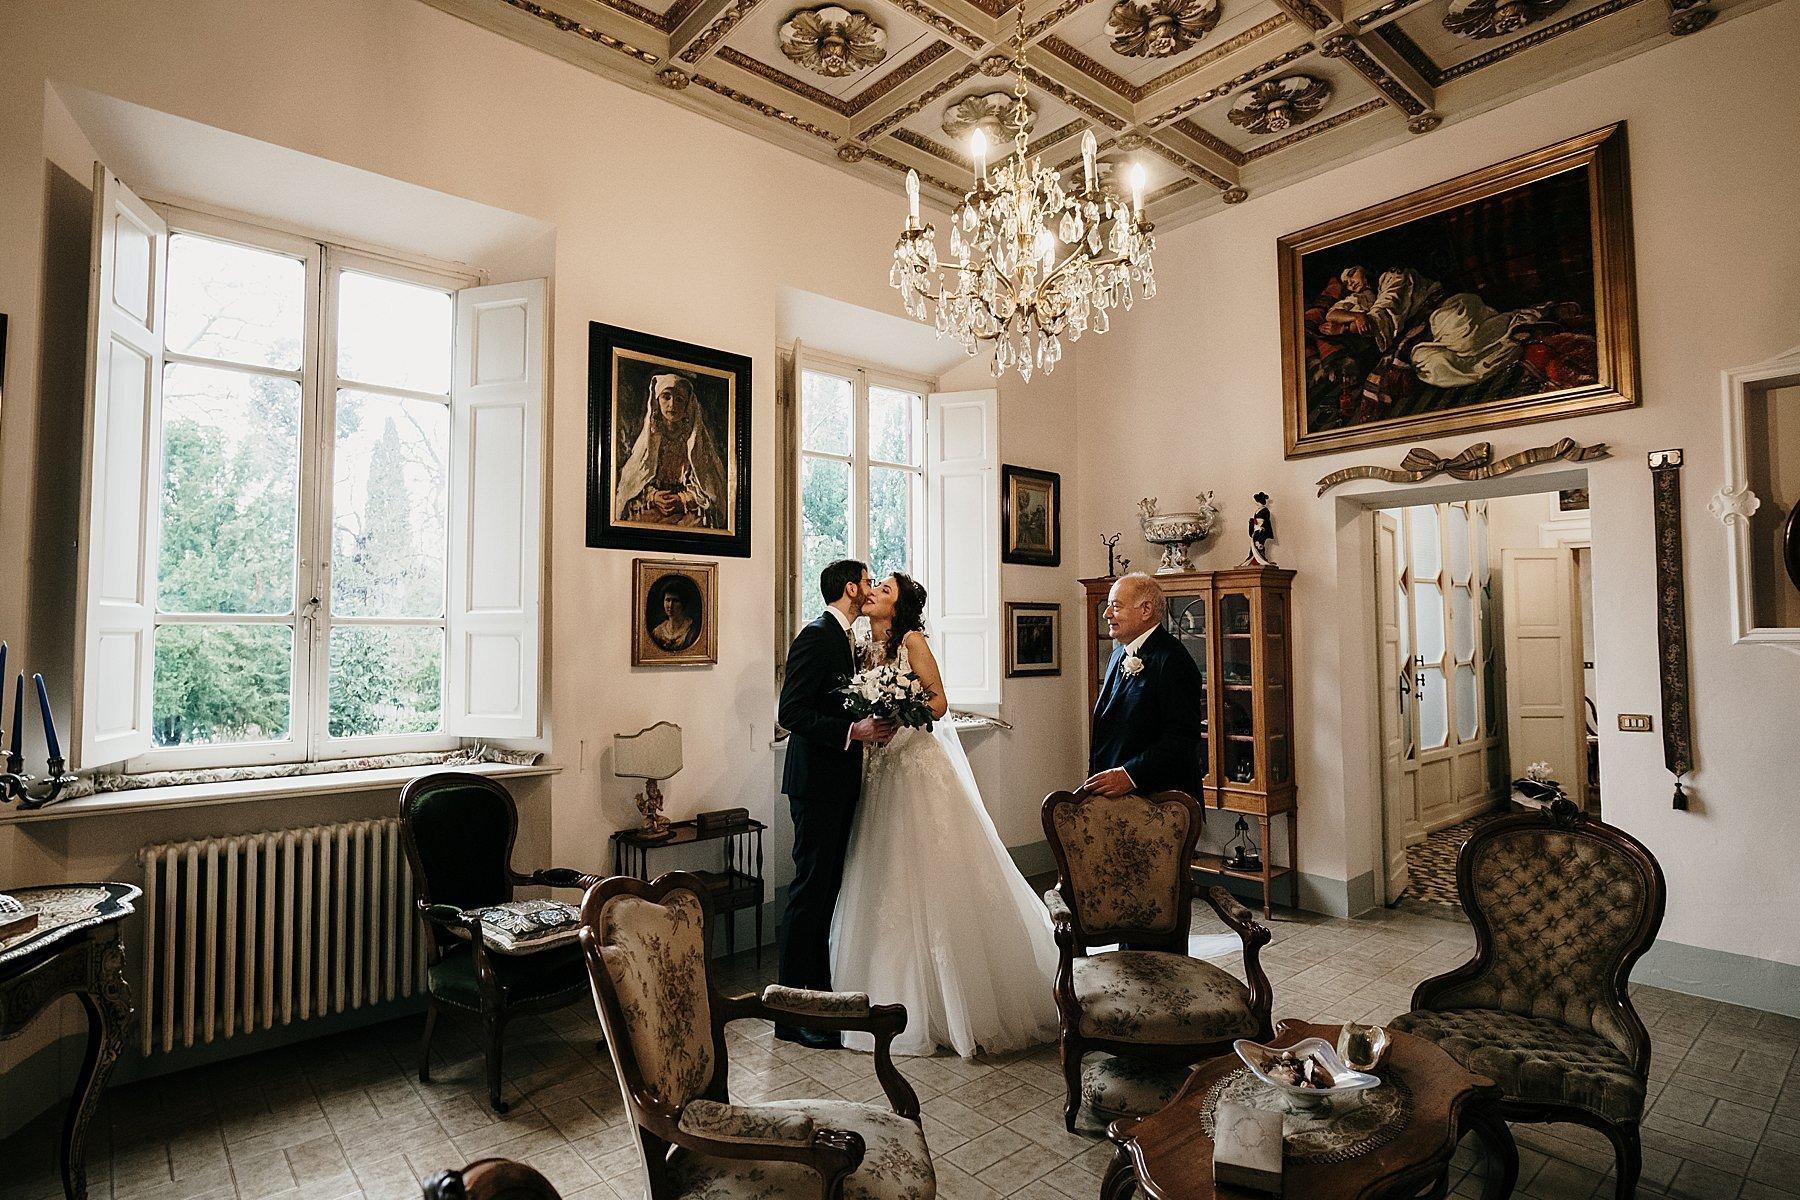 fotografia di matrimonio a firenze in inverno 739